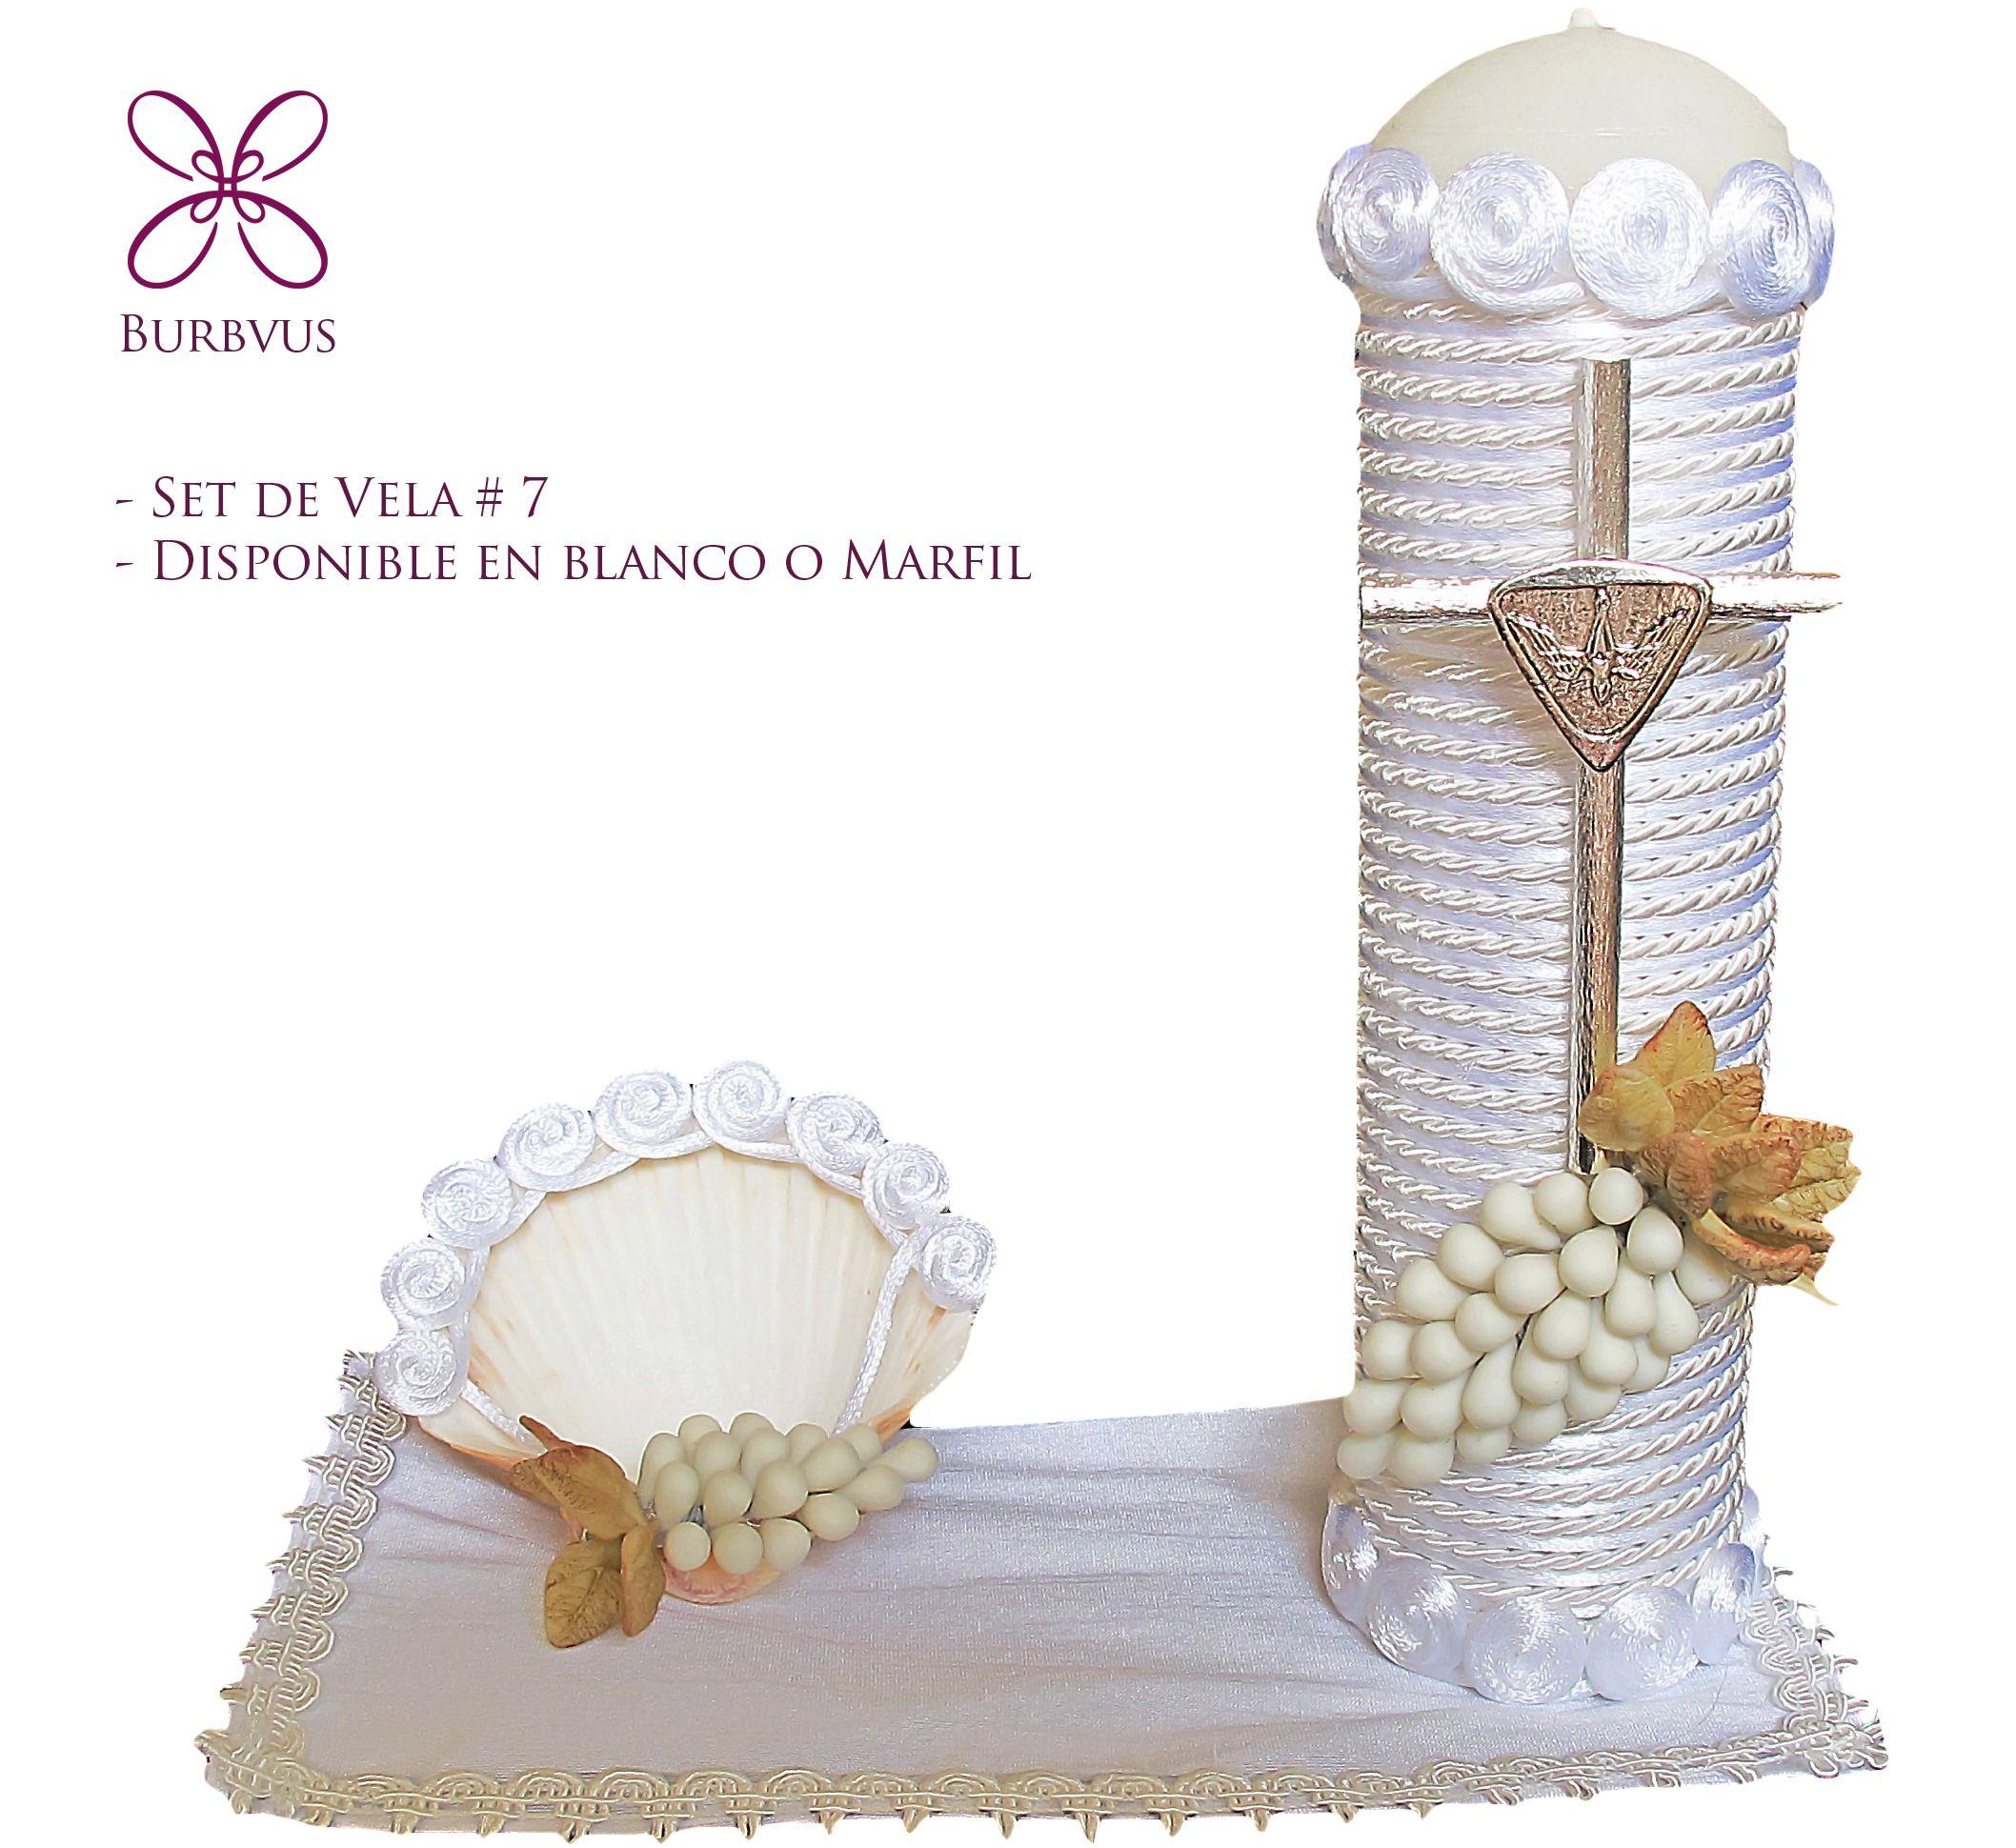 Kit de vela para bautizo 7 Color blanco tambien disponible en